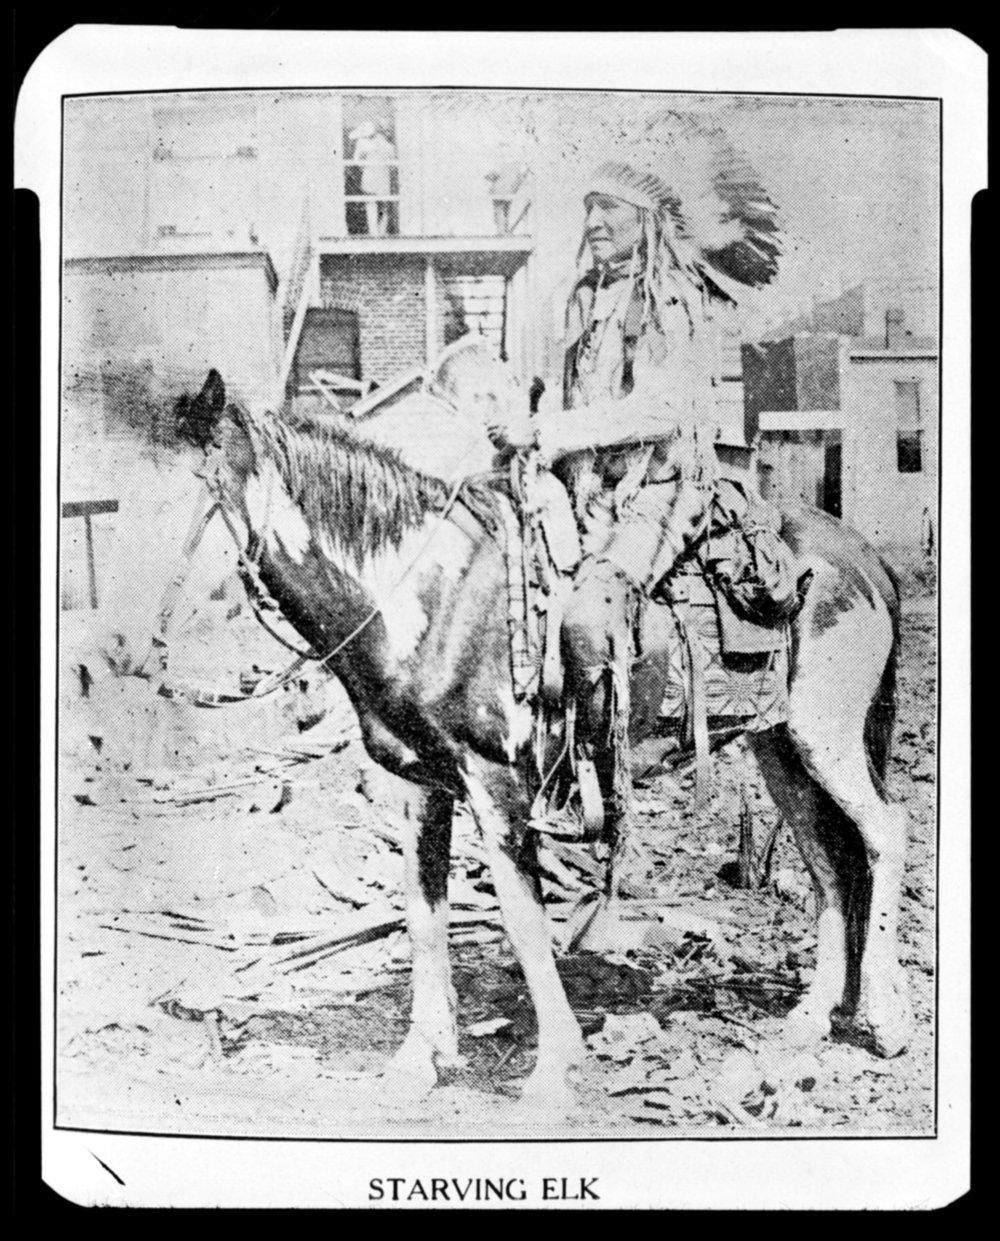 Starving Elk, Cheyenne Indian